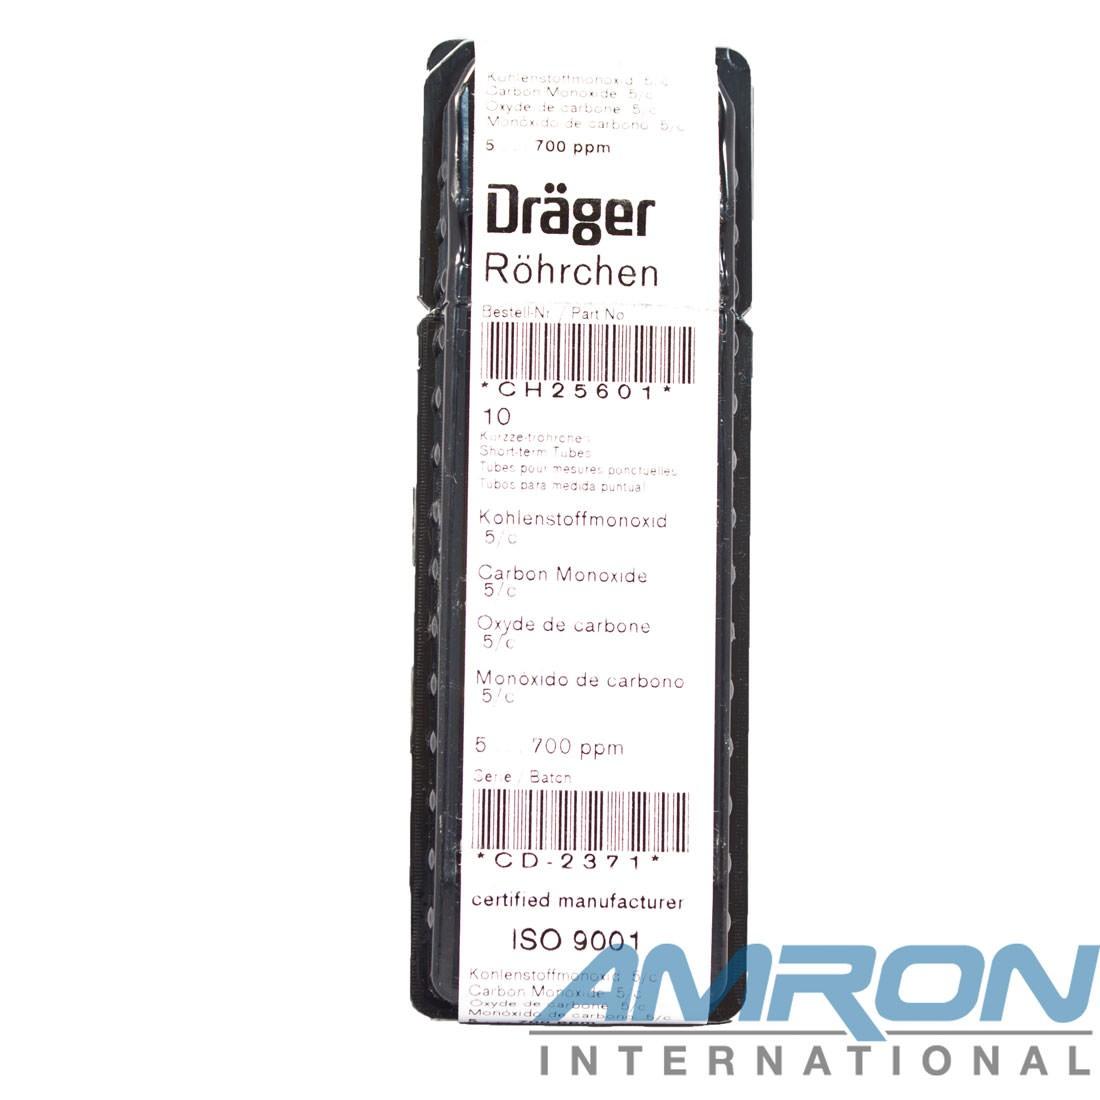 Drager Carbon Monoxide CO2 5/c Range Detector Tubes (10 tubes) CH25601